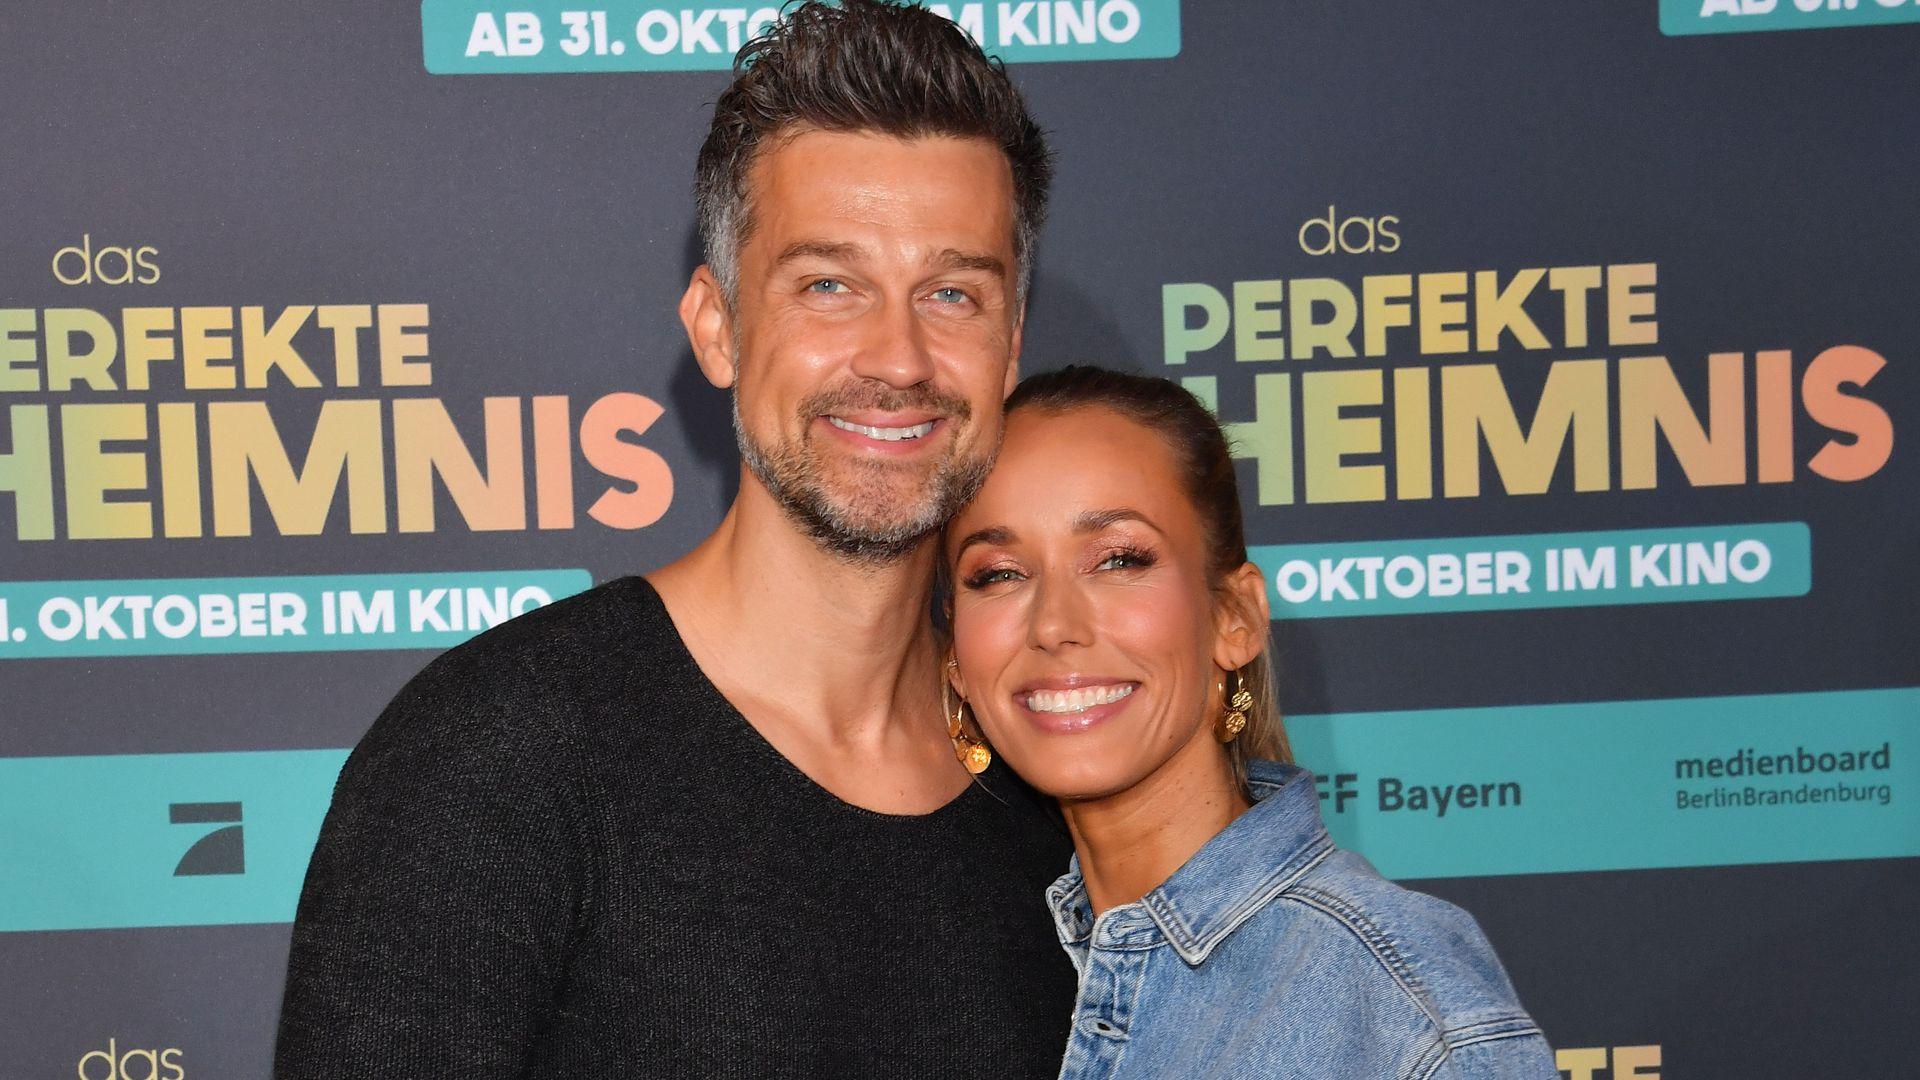 Deutsche Ehefrau Hat Versöhnungssex Mit Ehemann